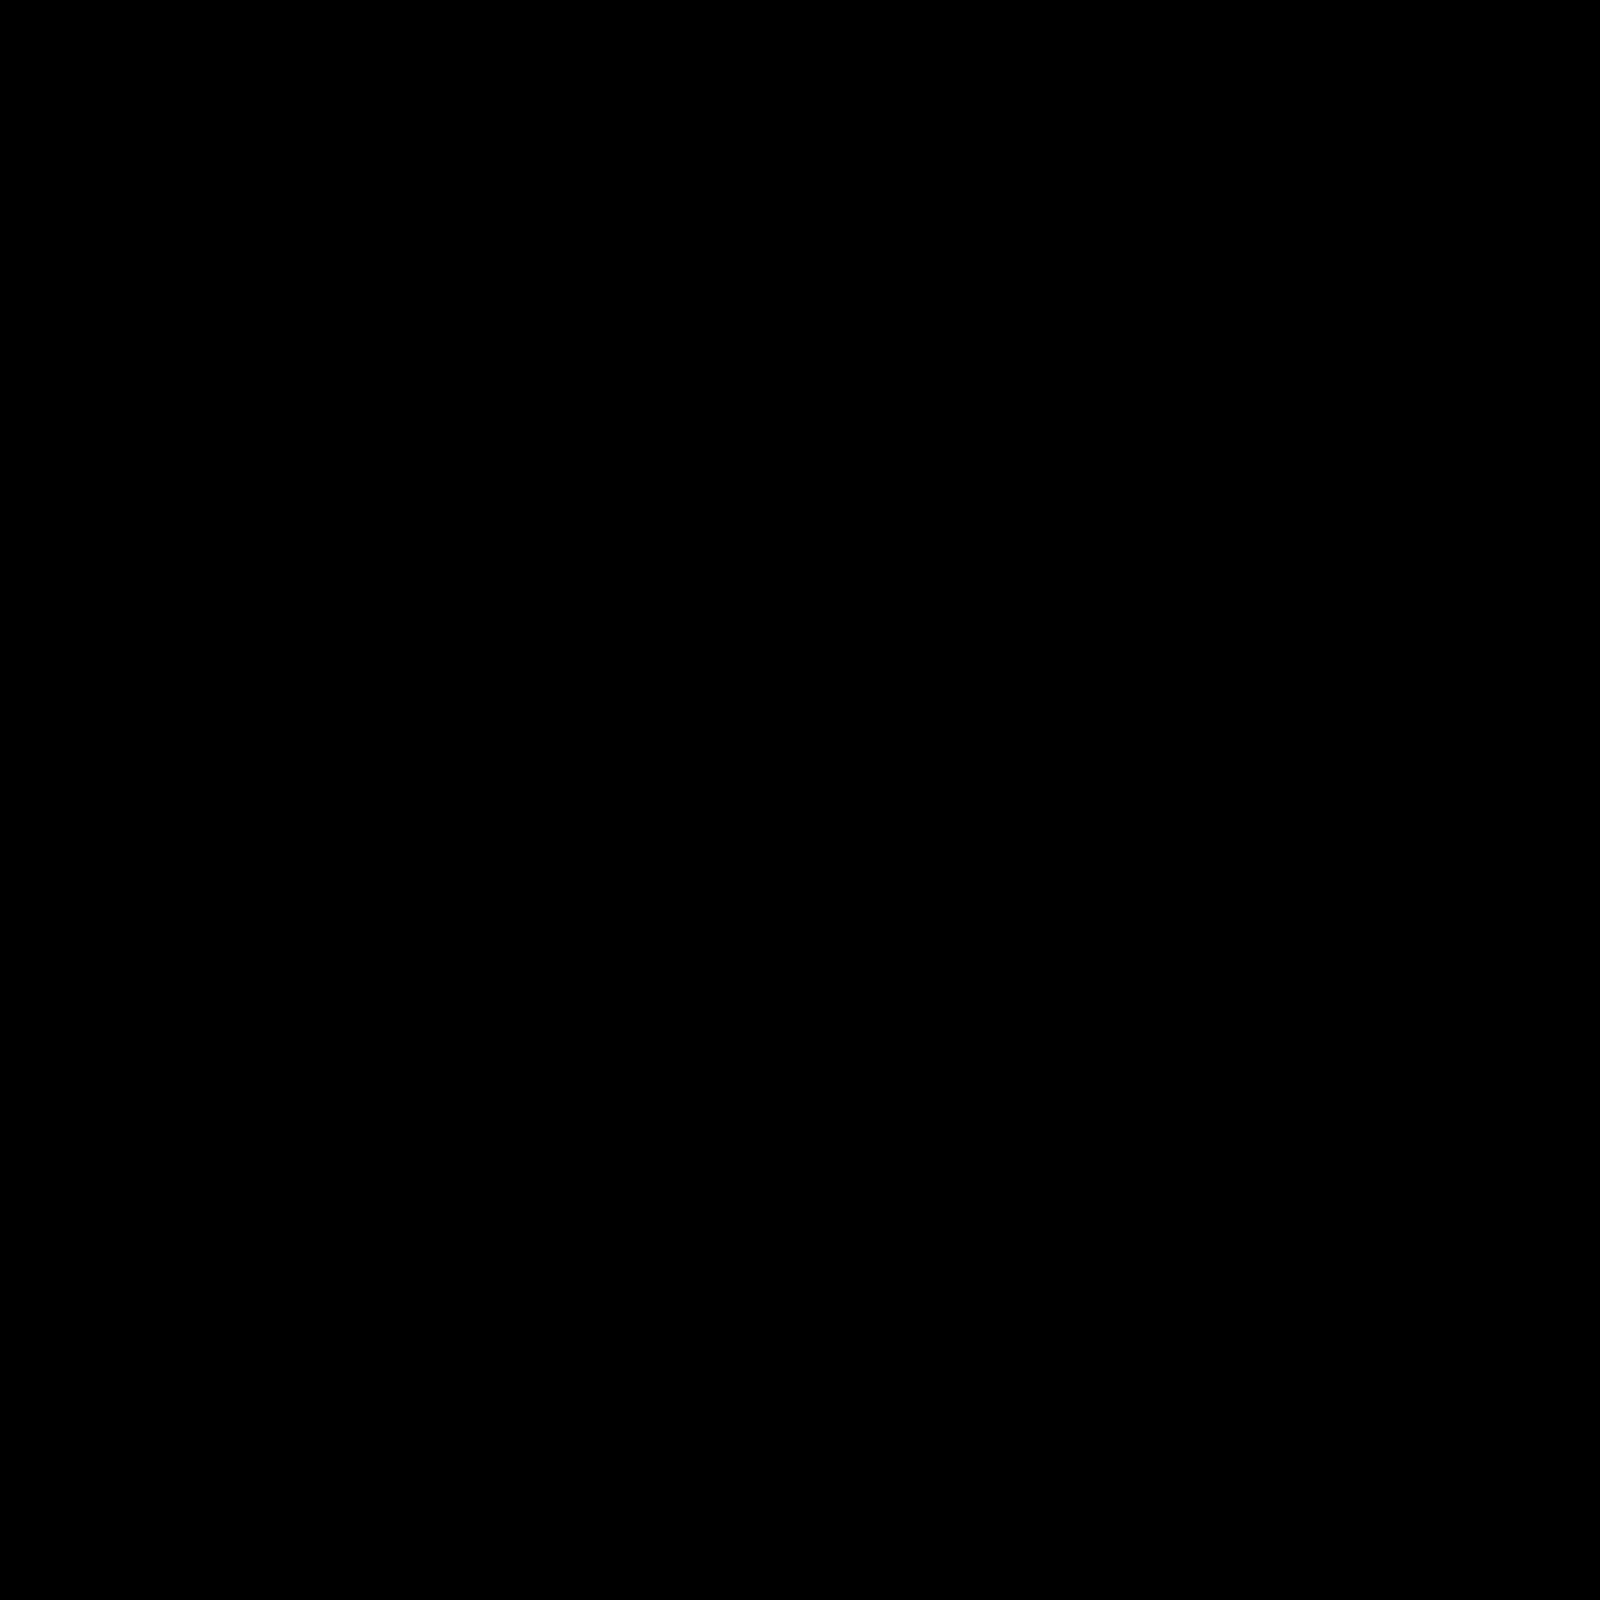 二手产品 icon. This icon is depicting a closed cardboard box with the edge of the box protruding and crumpled as if to indicate it in poor shape or used. There is a small hole cut in the side of the box as a handle.